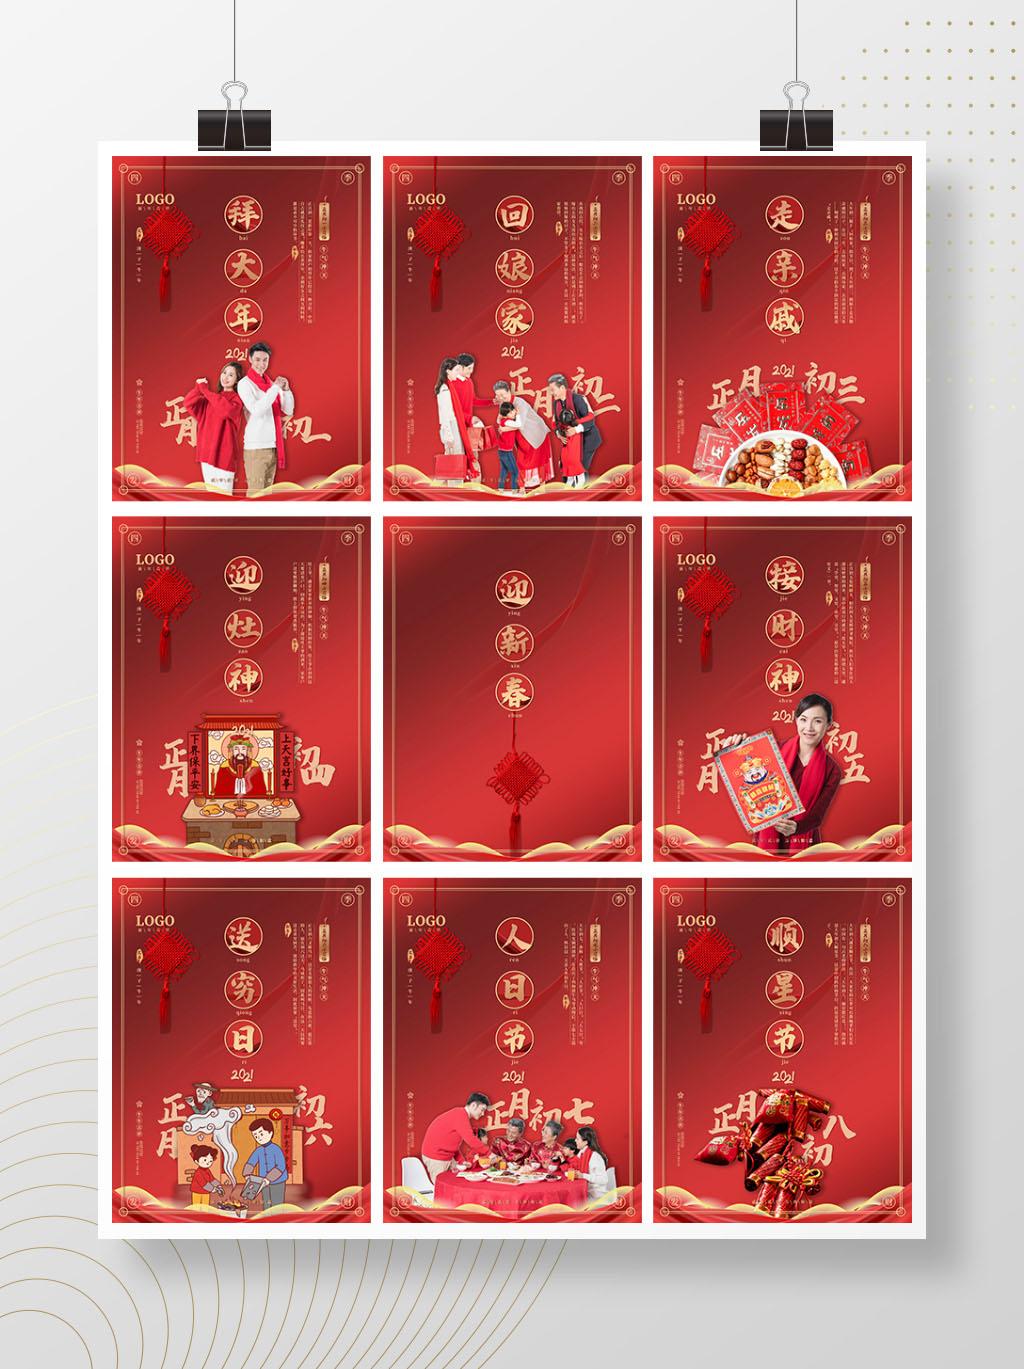 春节喜庆初一到初八年俗摄影图海报PSD源文件插图